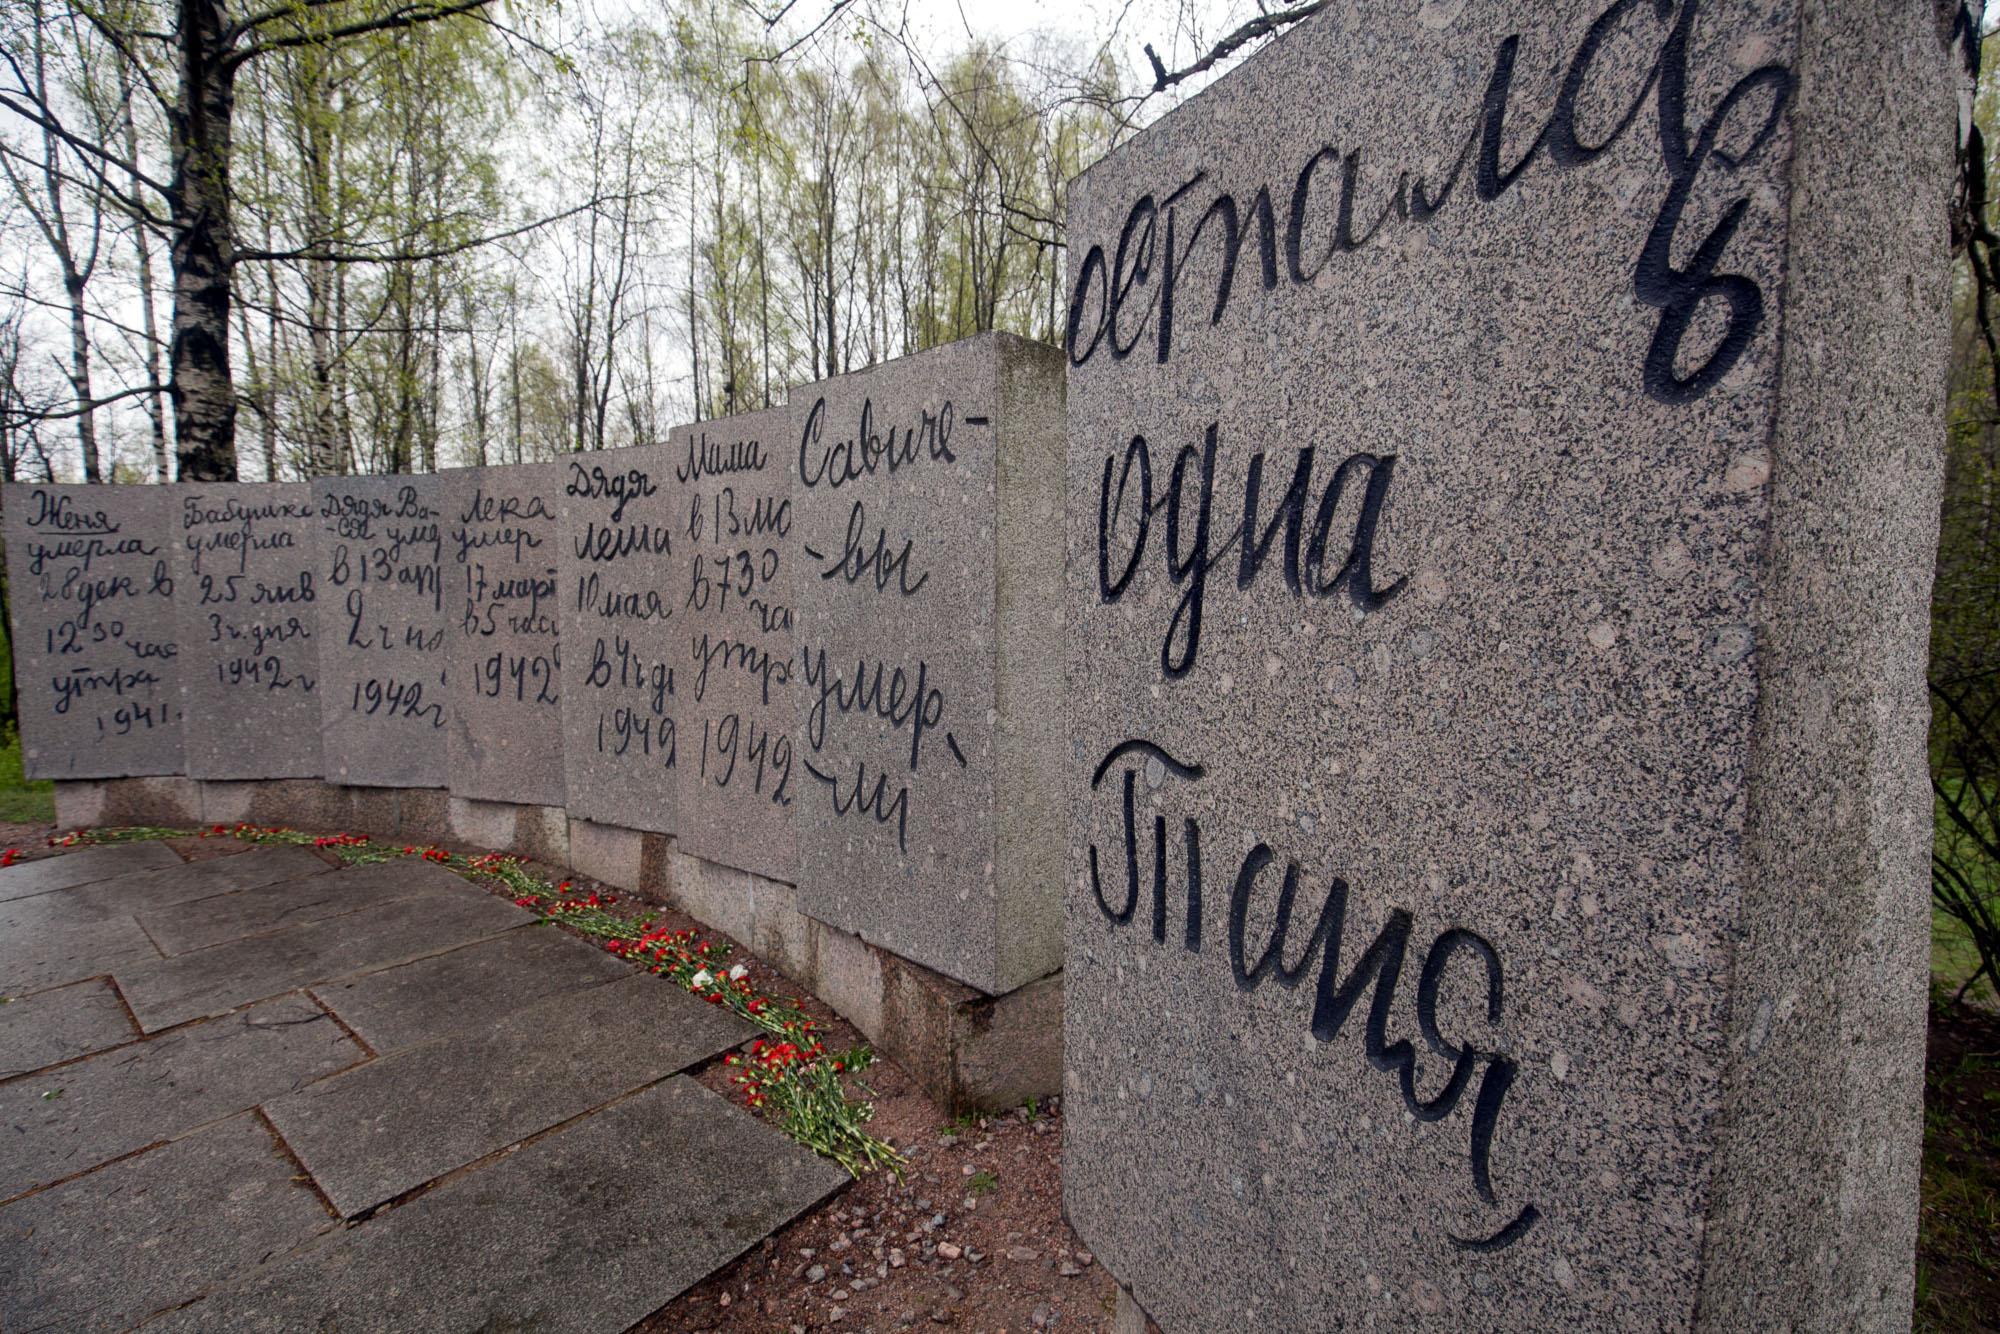 картинка мемориал дневник тани савичевой отказался теперь сам